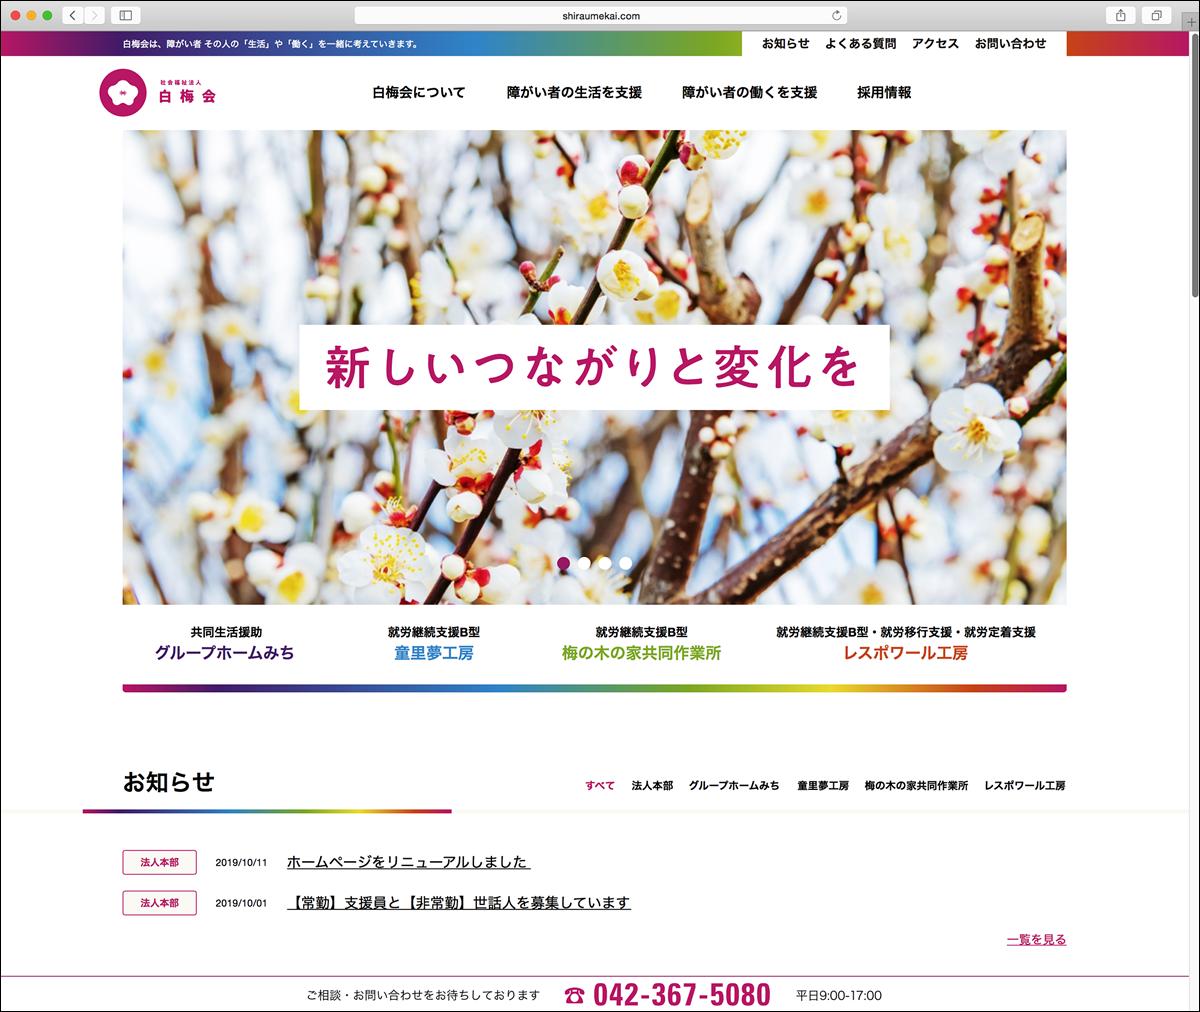 社会福祉法人白梅会のホームページをリニューアルしました